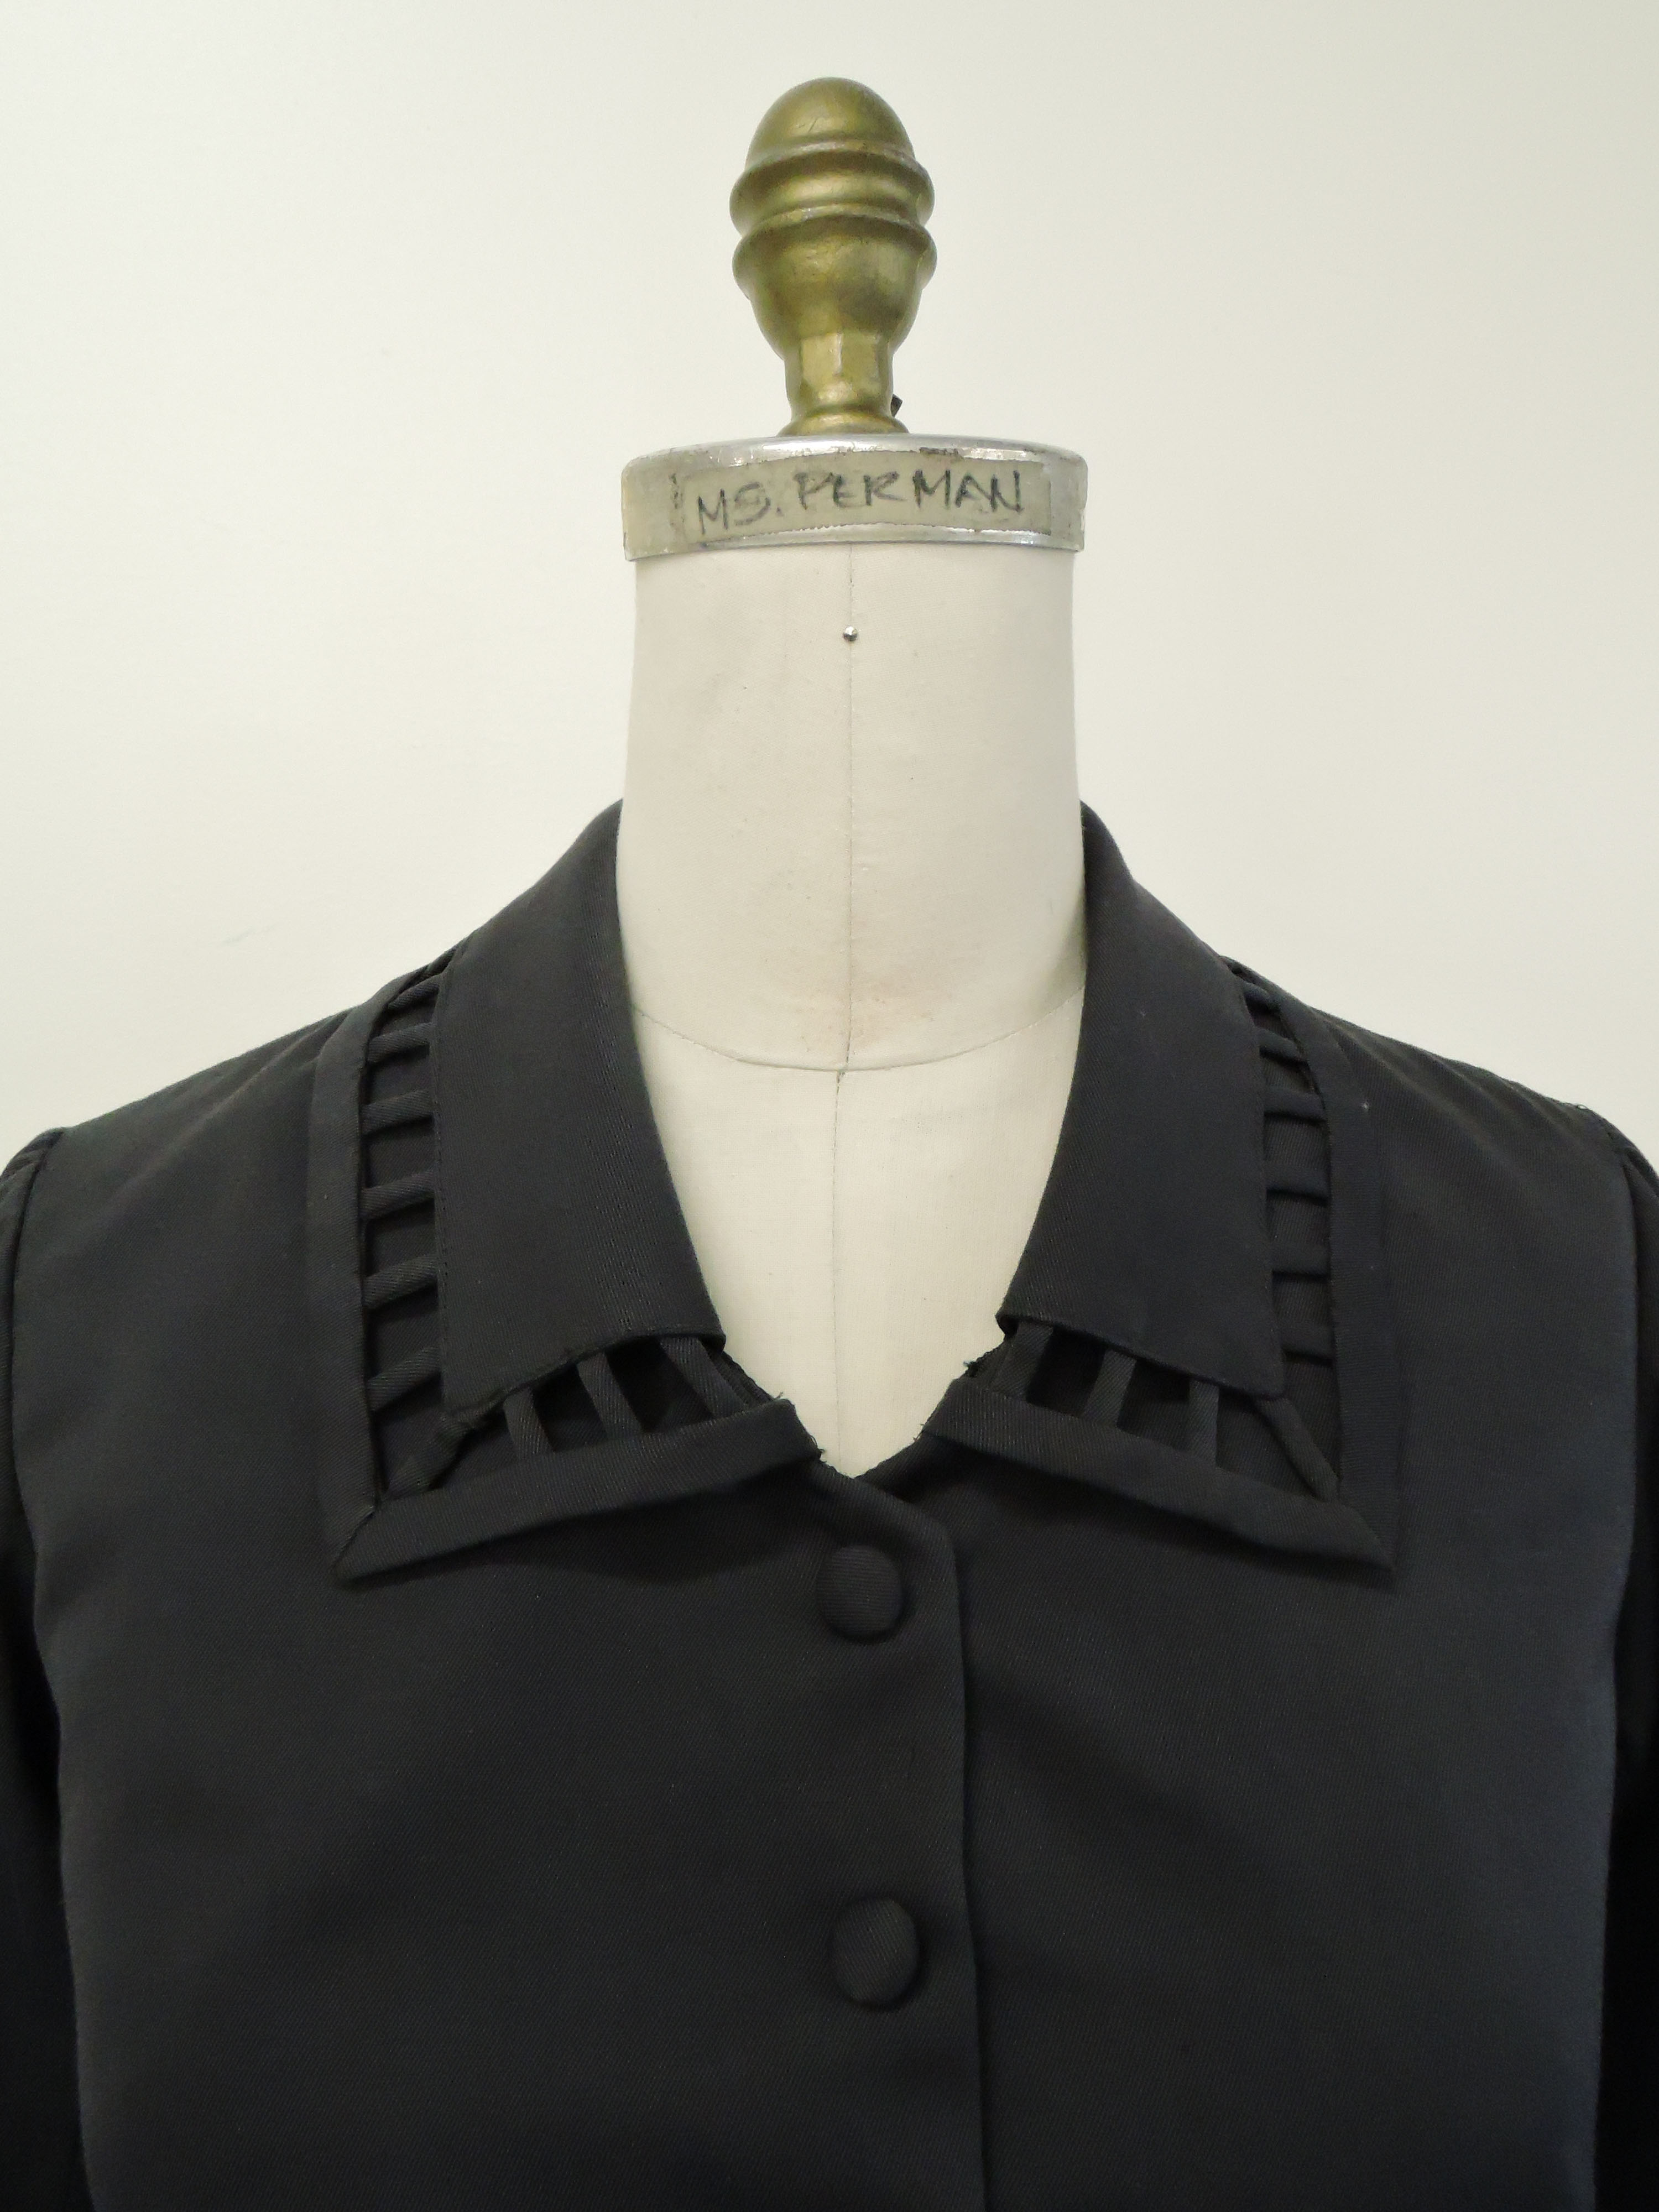 Collar Detail